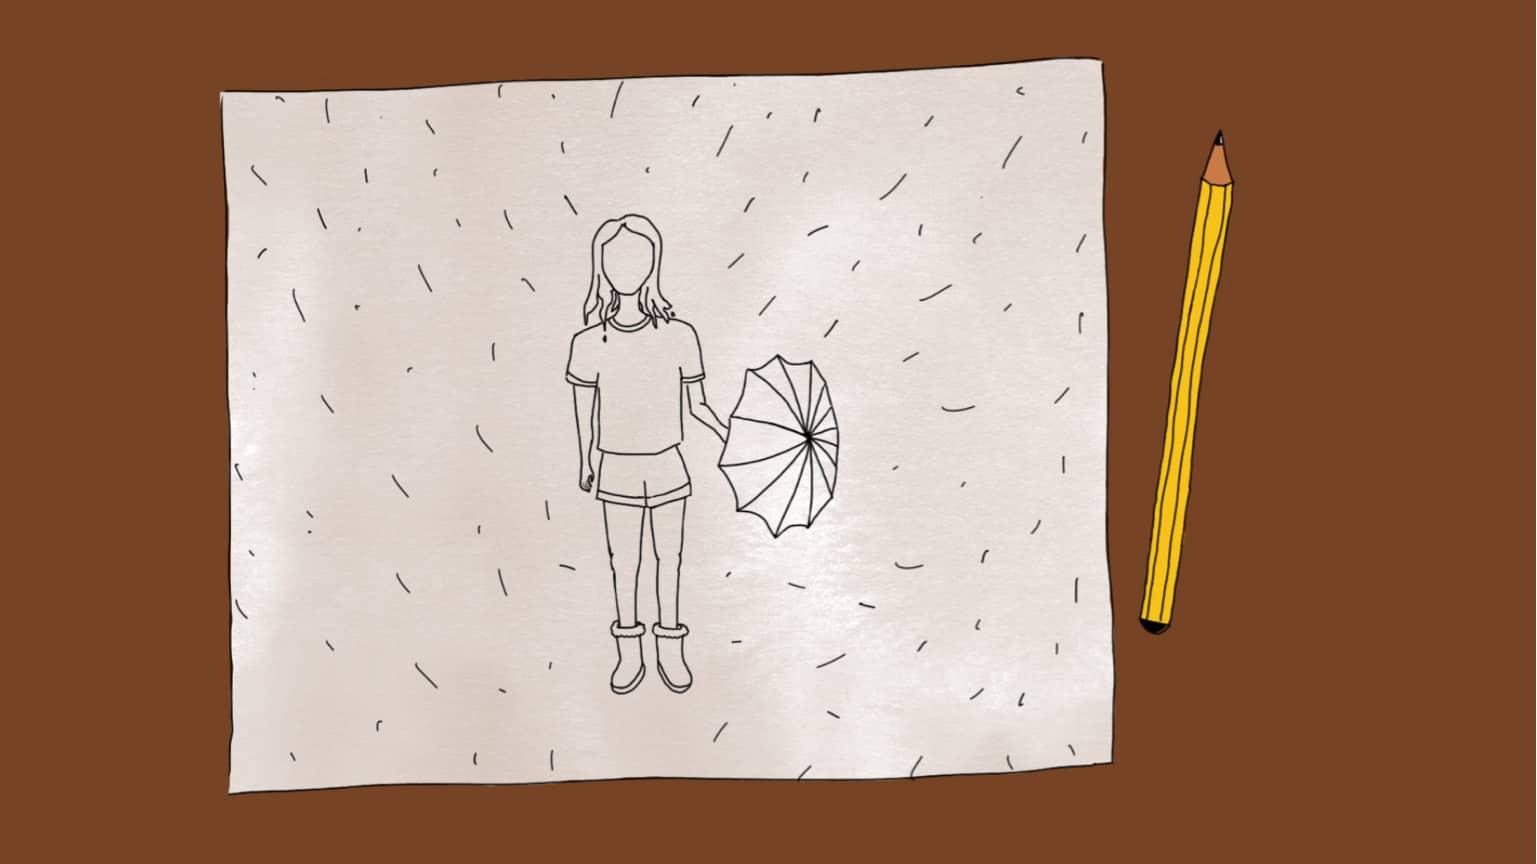 Imagen de una mesa con un dibujo con una figura femenina con pollera, paraguas y lluvia, que recuerda un dibujo realizado para un test psicológico. Al lado derecho del dibujo se encuentra un lápiz amarillo y negro a rayas.